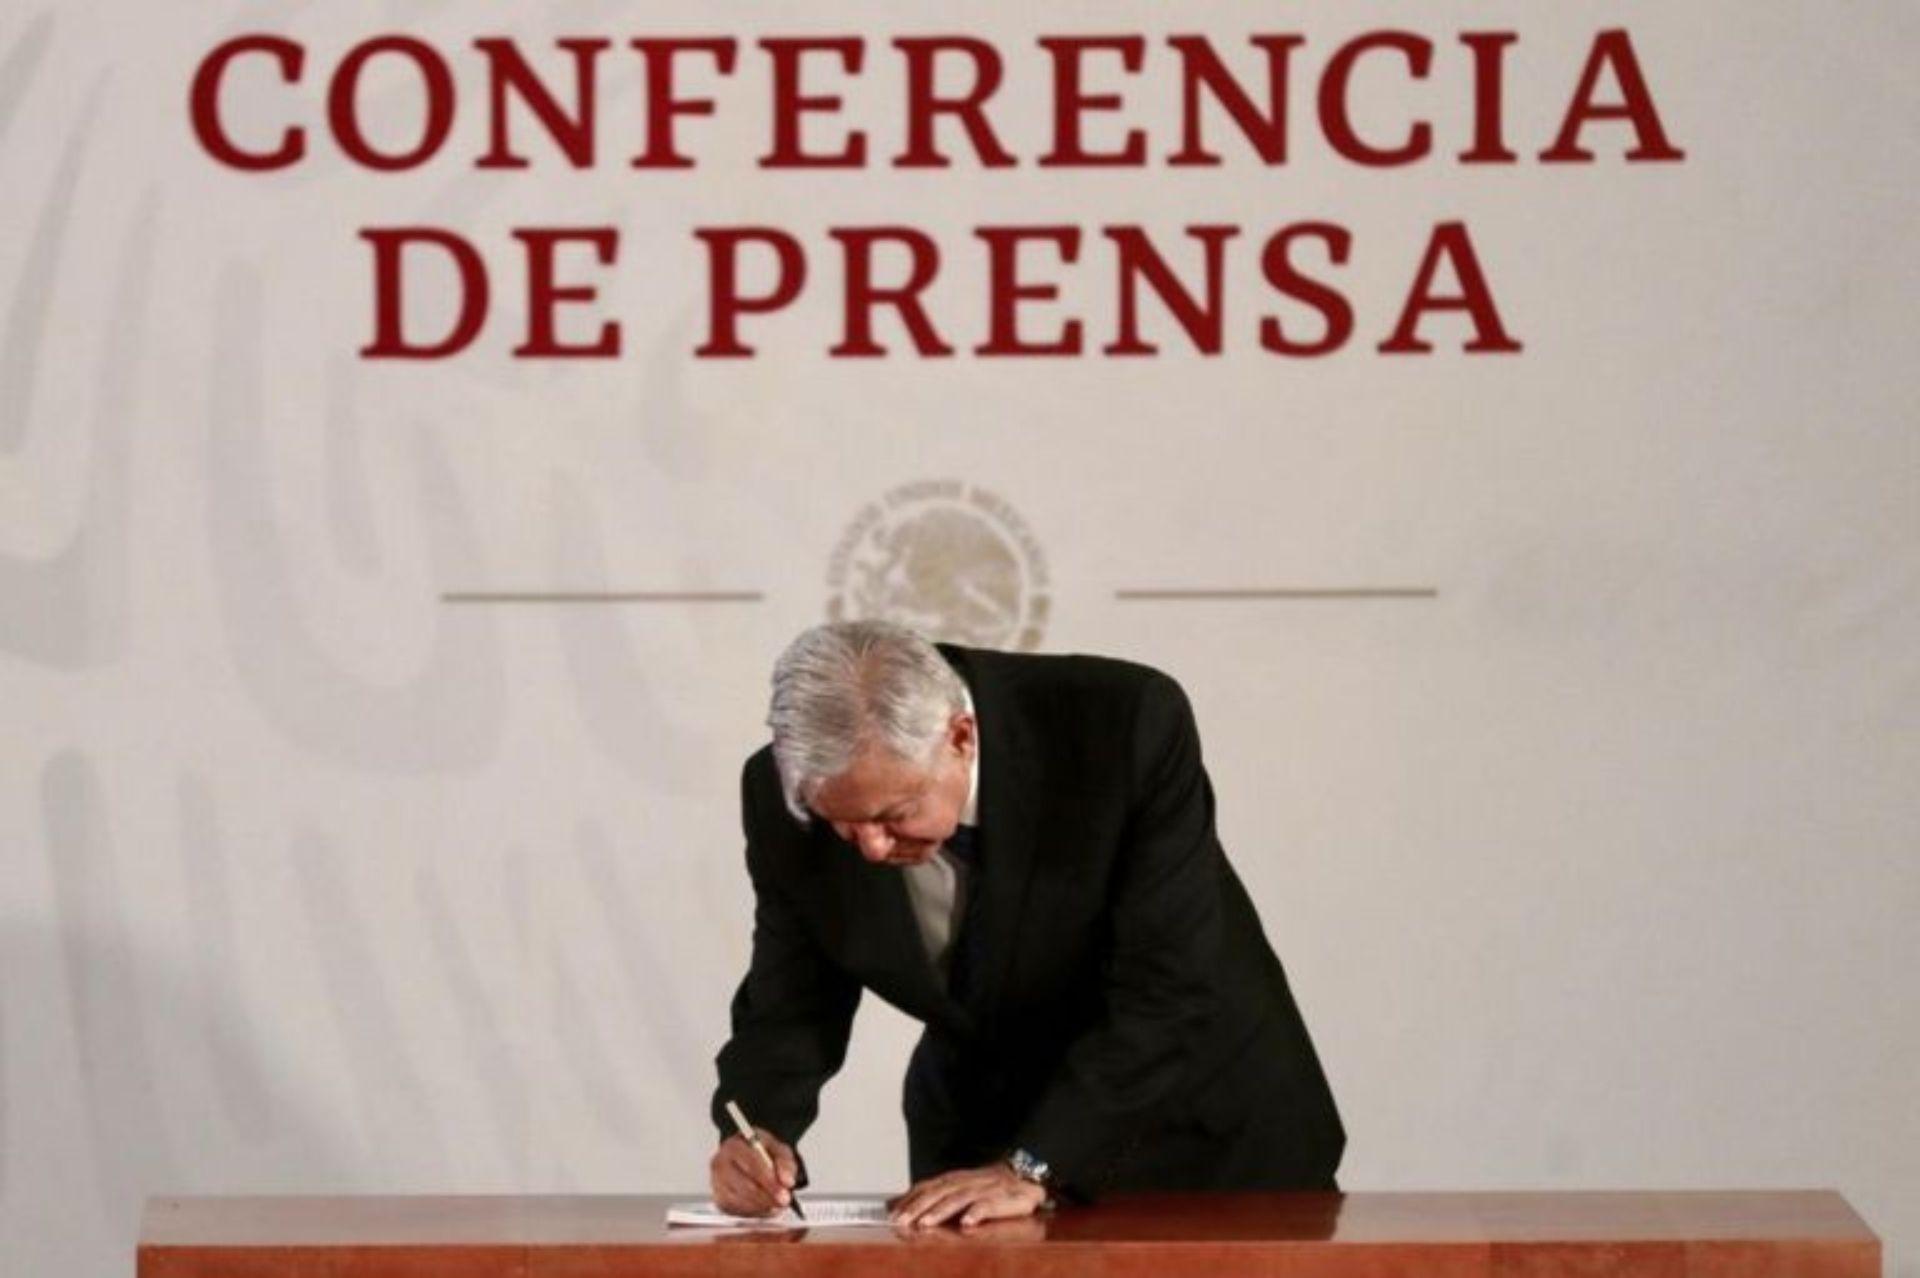 La Oficina de Presidencia asegura que no encuentra dicho documento (Foto: Presidencia de México)